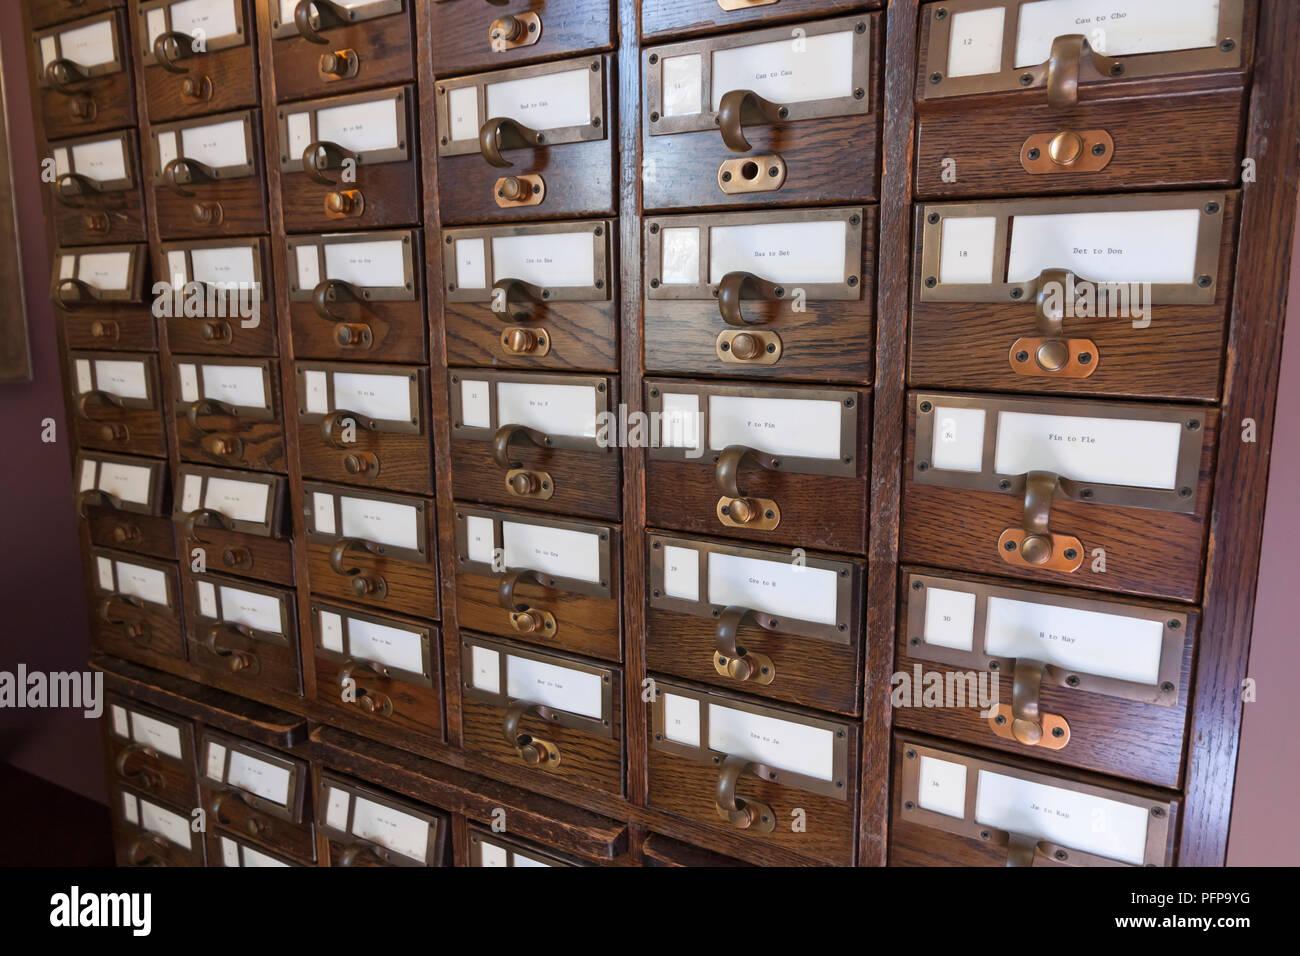 Scheda Libreria file di catalogo. Immagini Stock